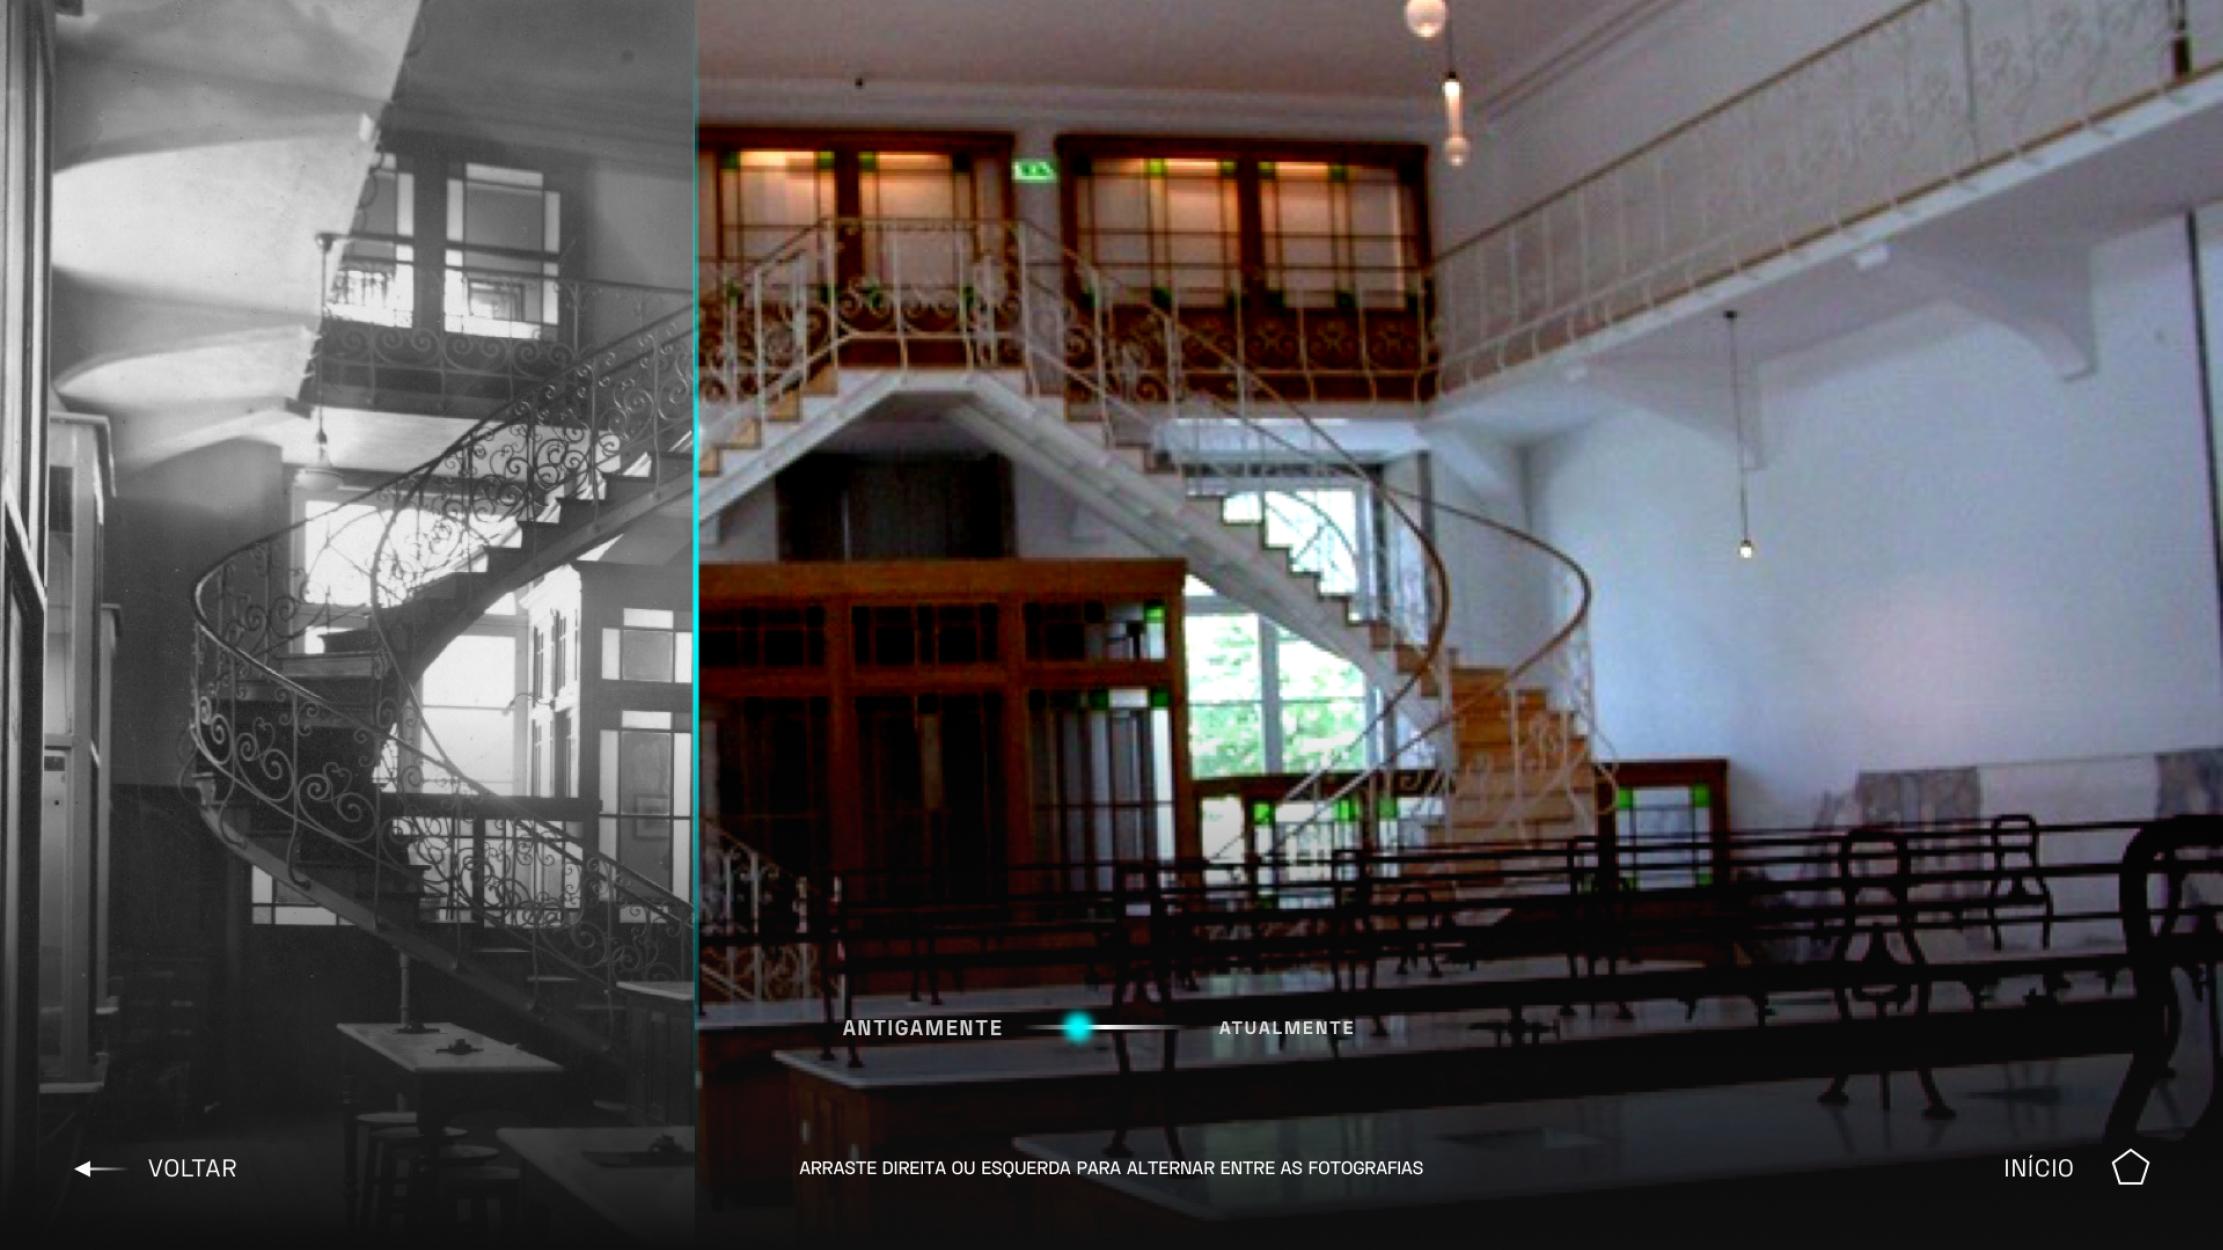 Outland Creative Studio Museu de História Natural UPorto